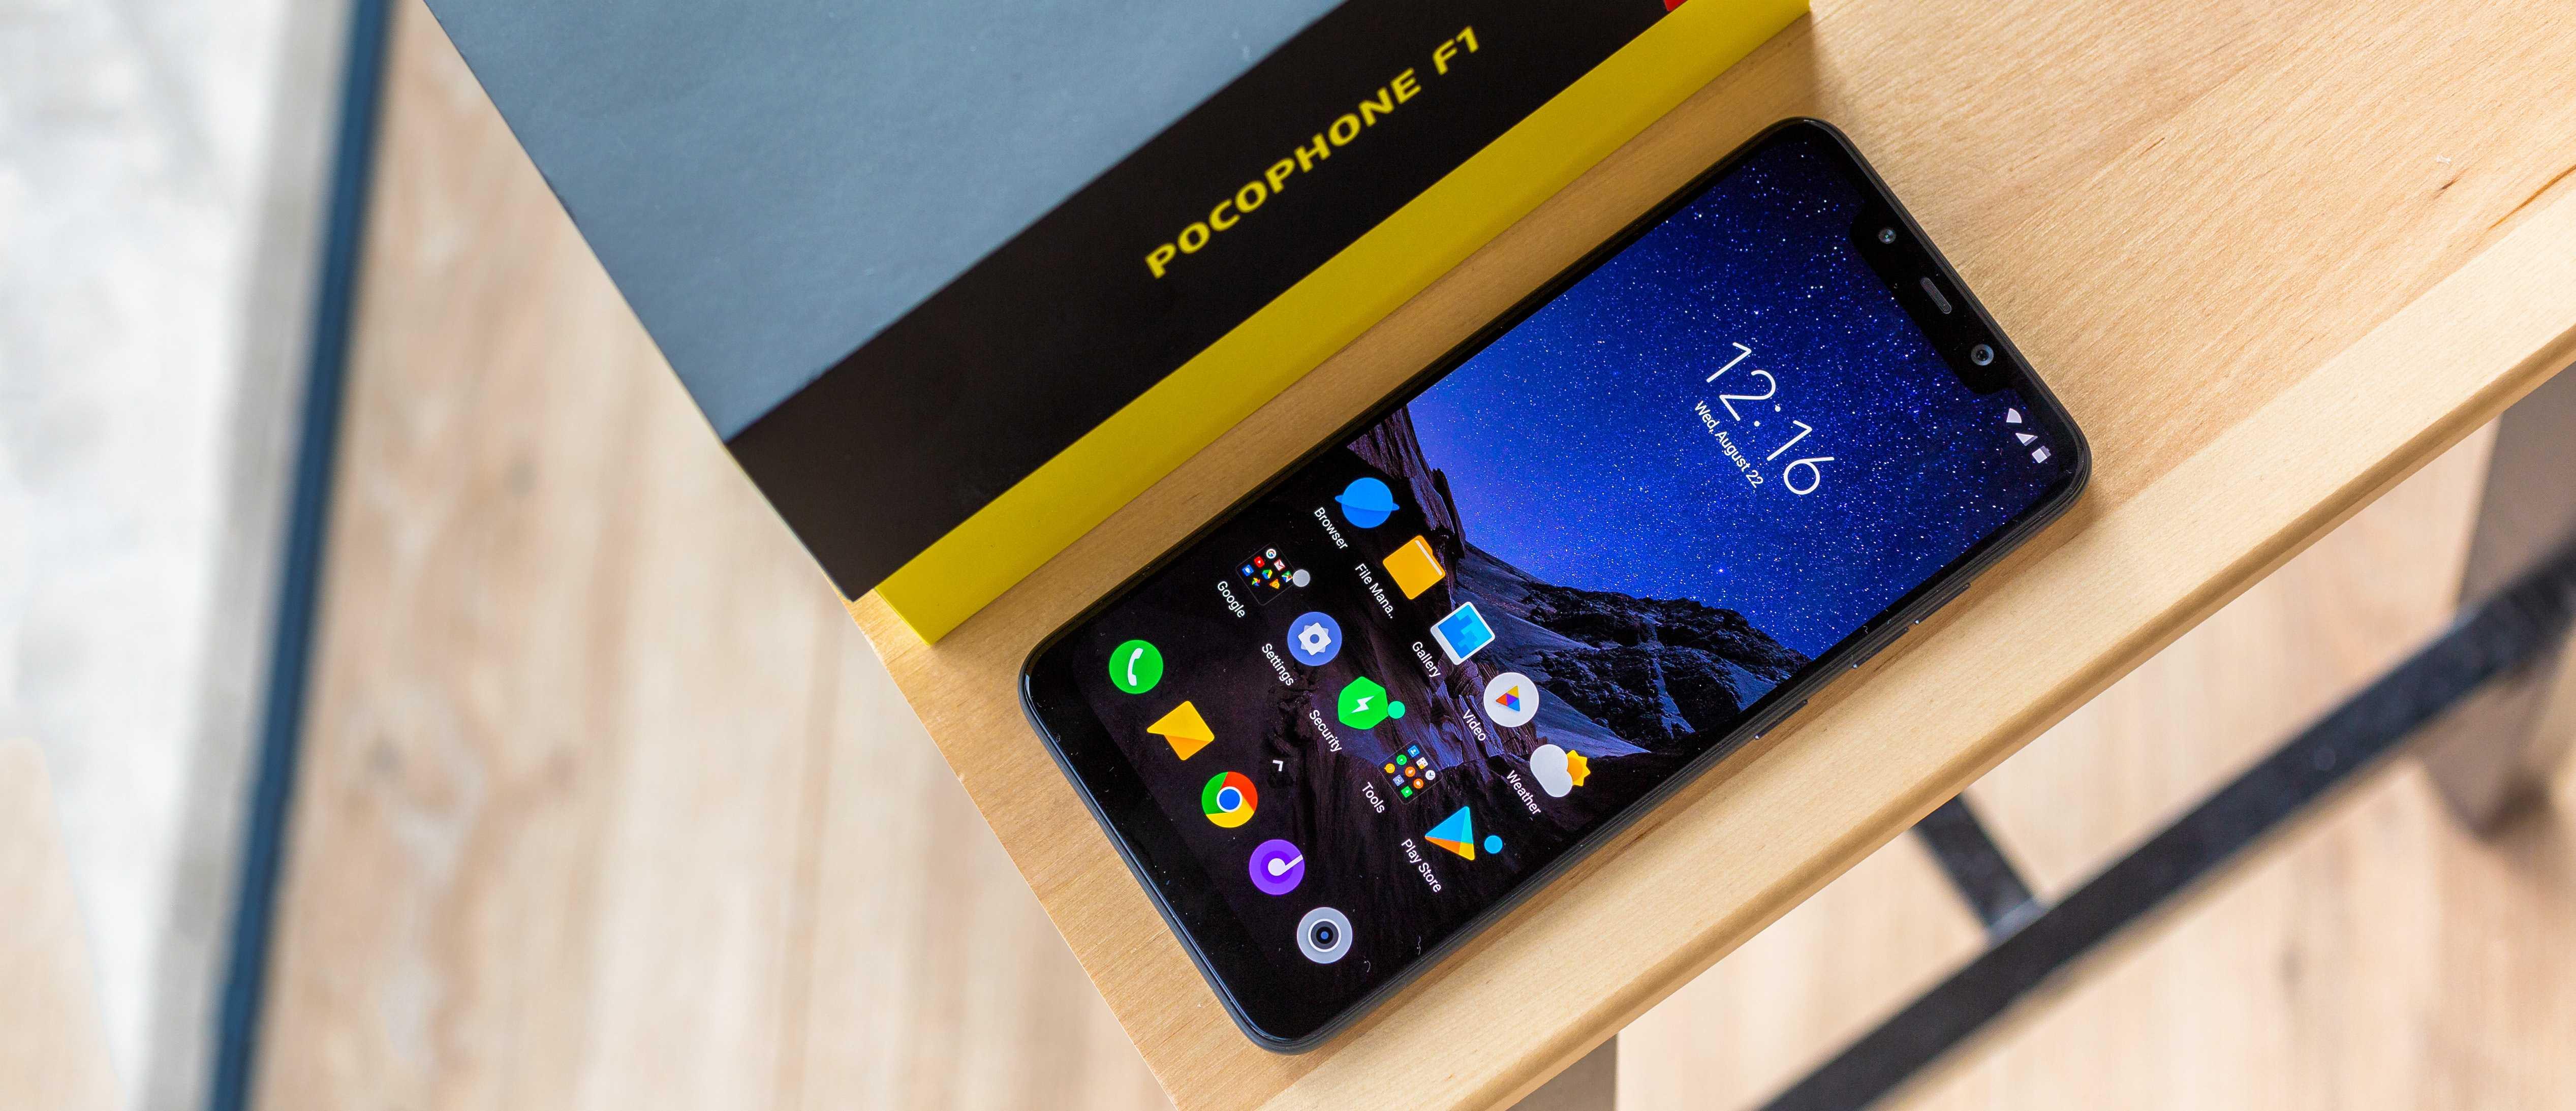 Разбираемся, что такое pocophone — новый бренд xiaomi